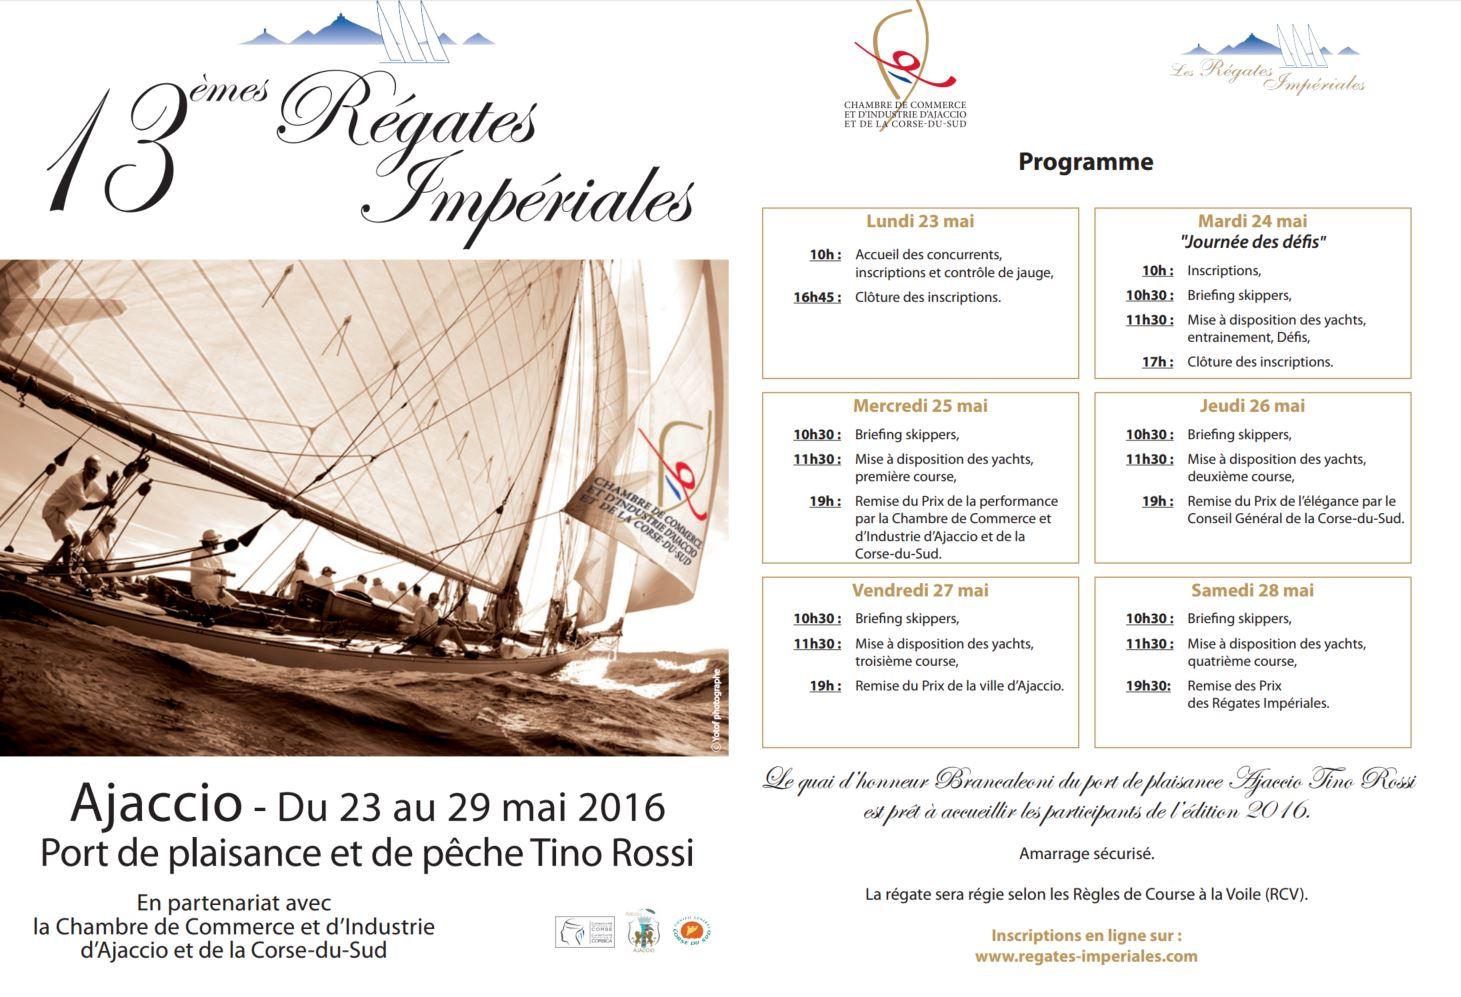 Le programme des Régates Impériales 2016